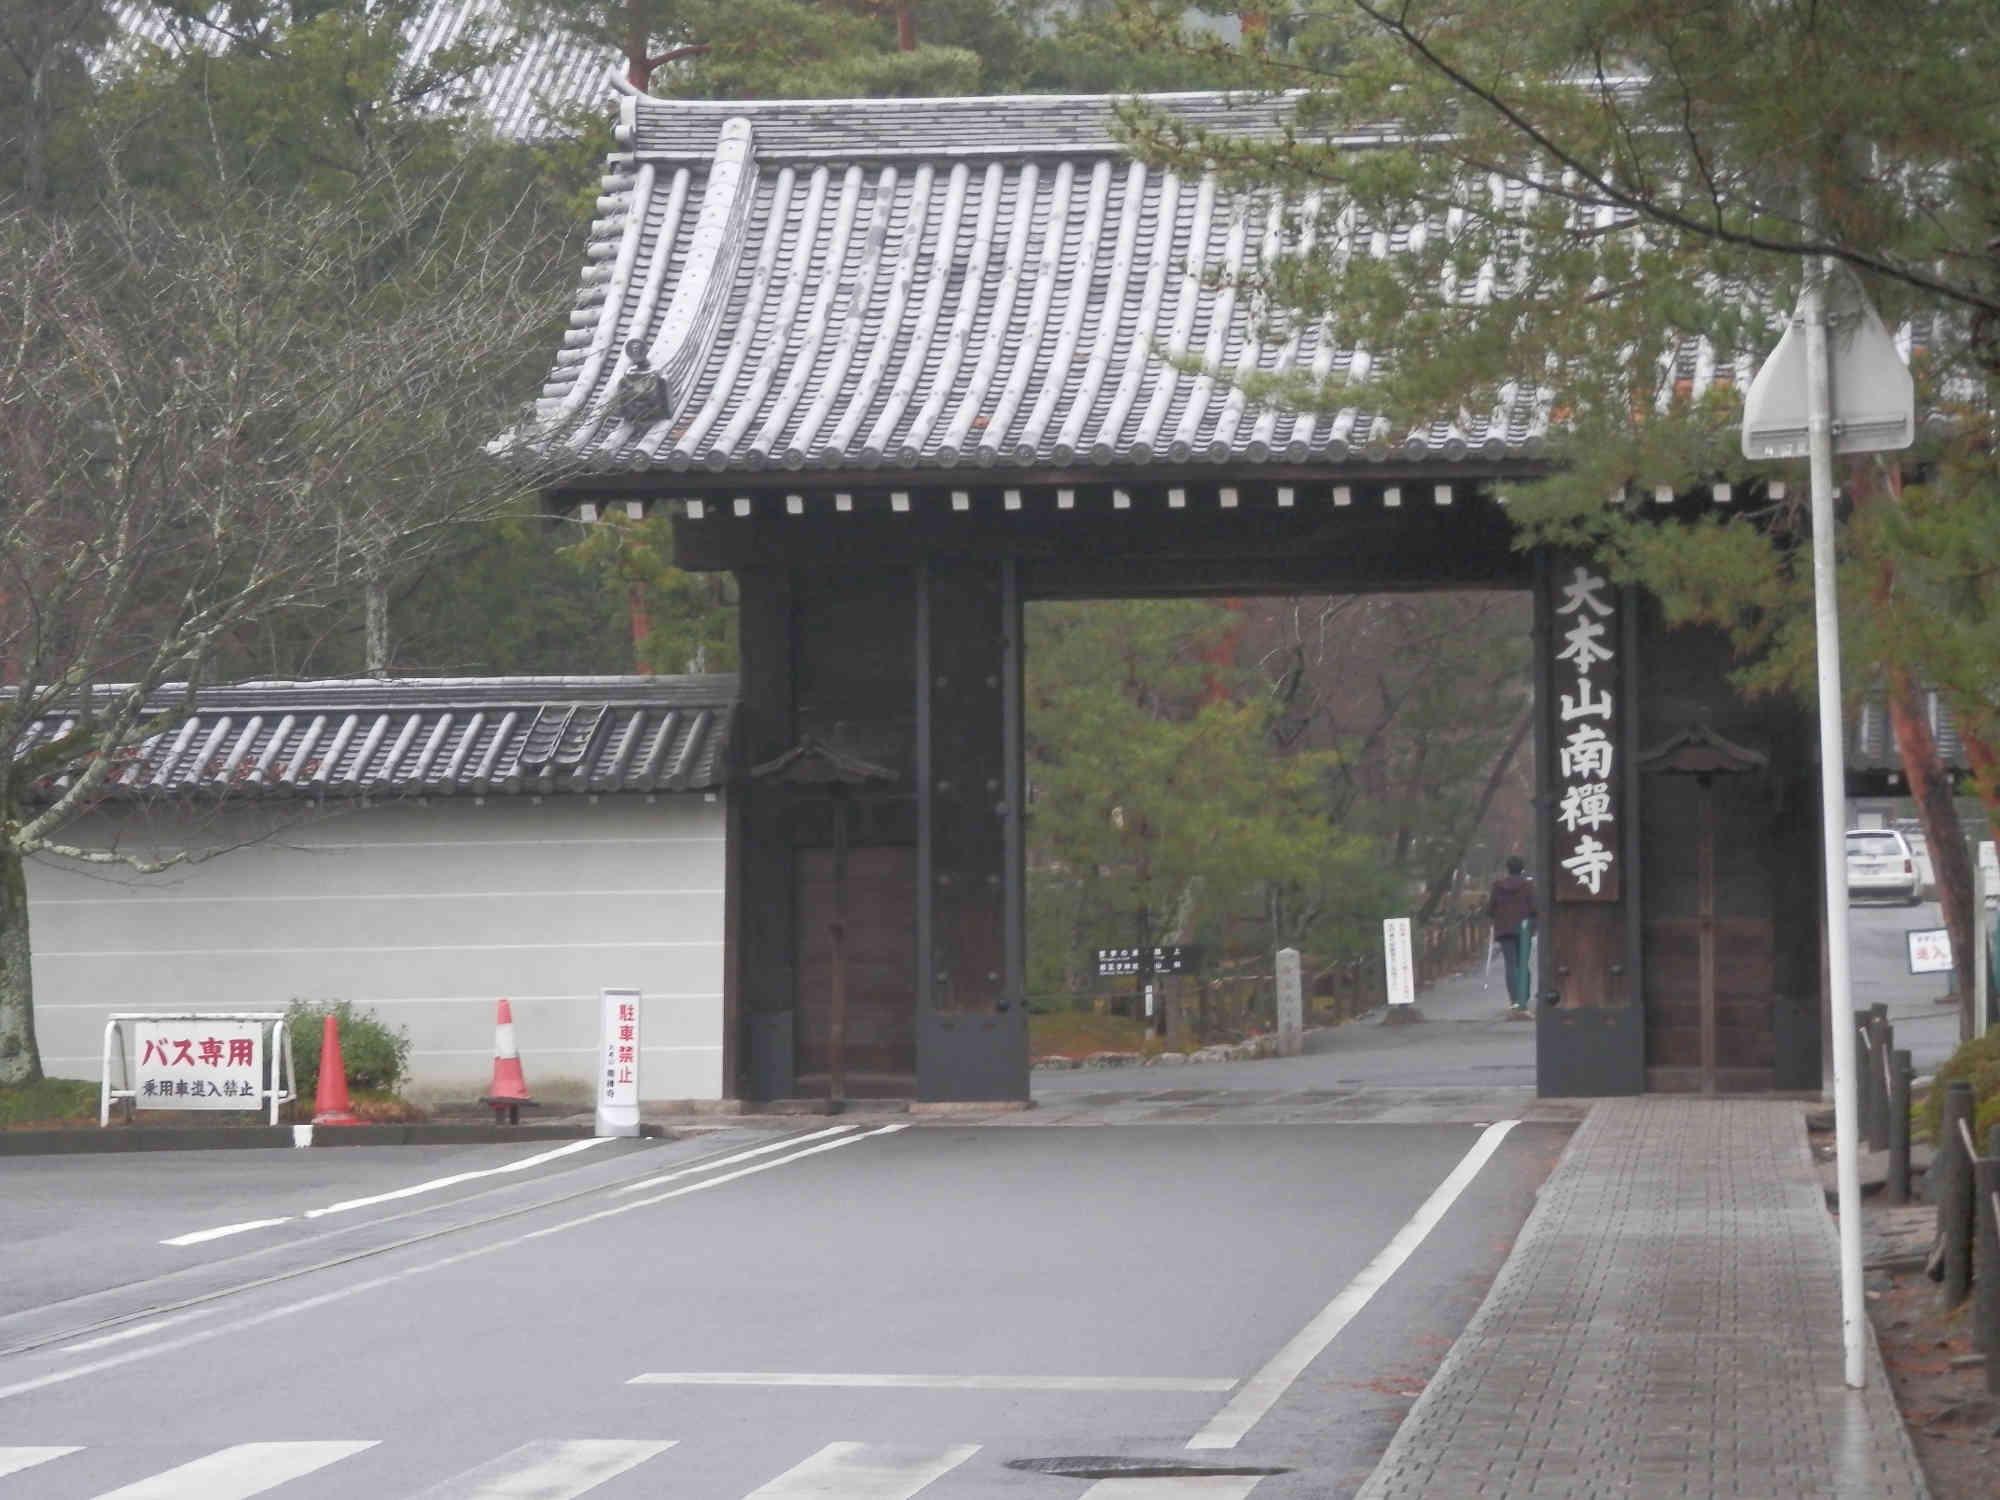 京都 南禅寺の入り口